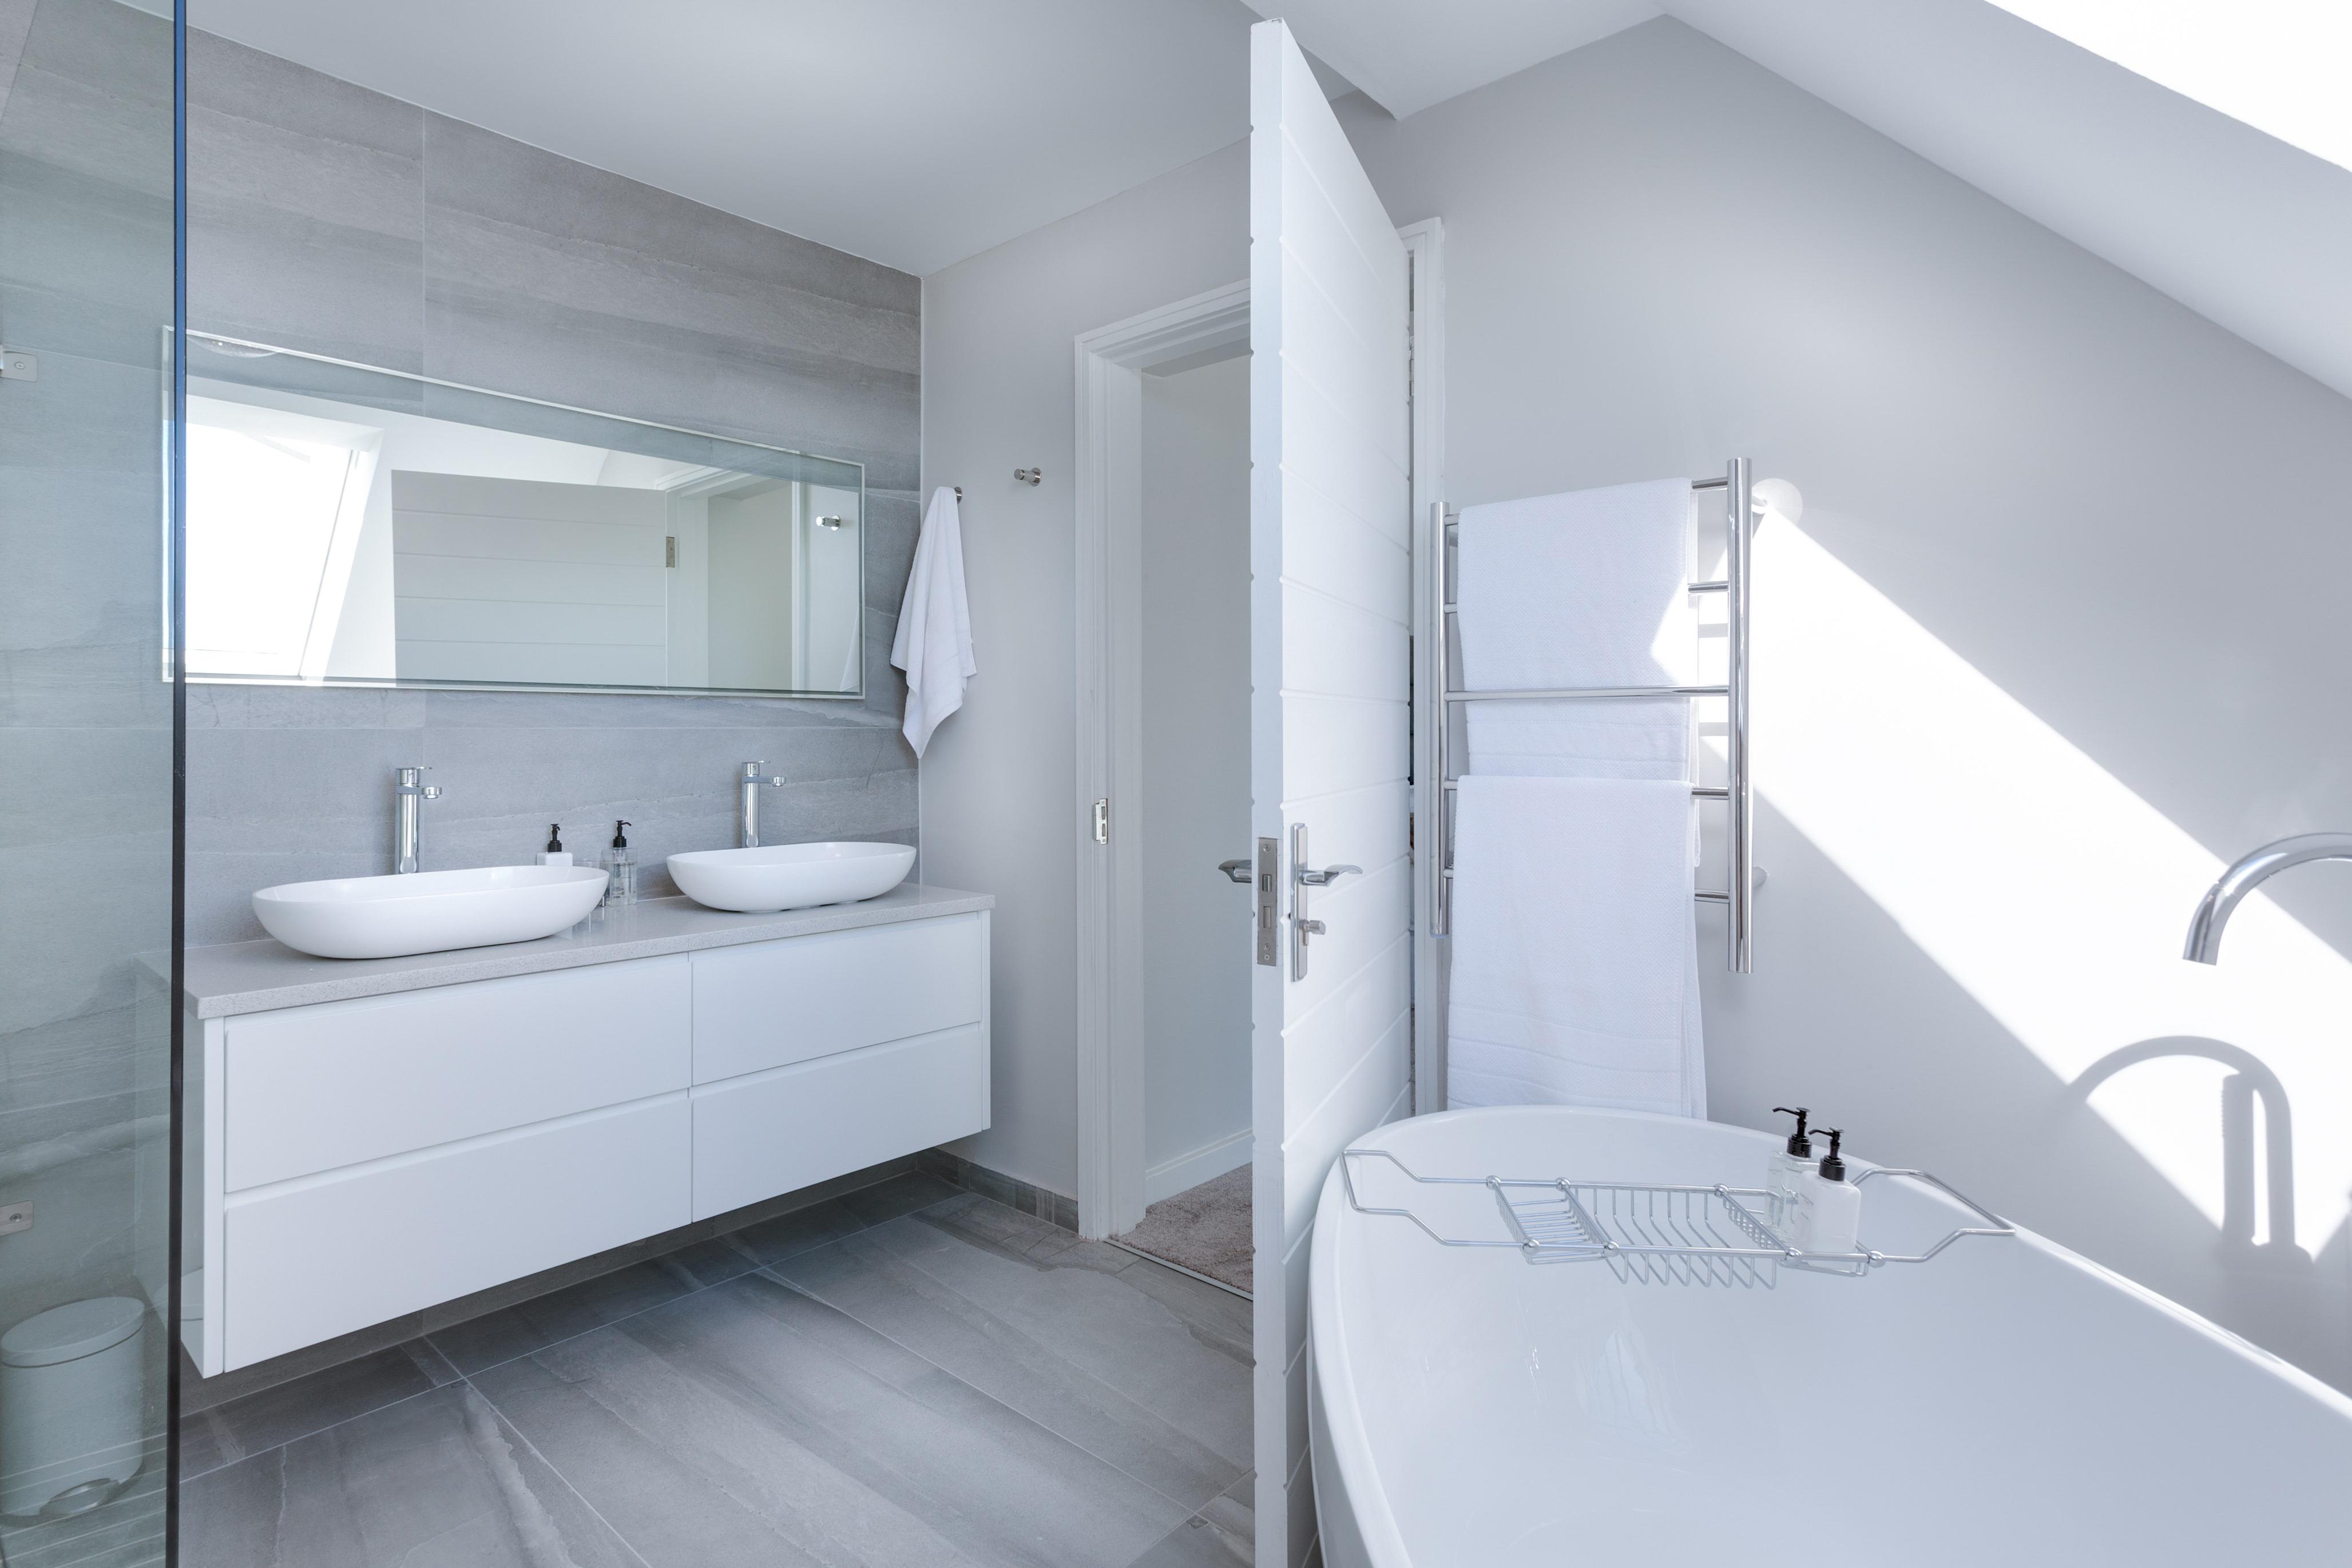 investissement rénovation de salle de bains